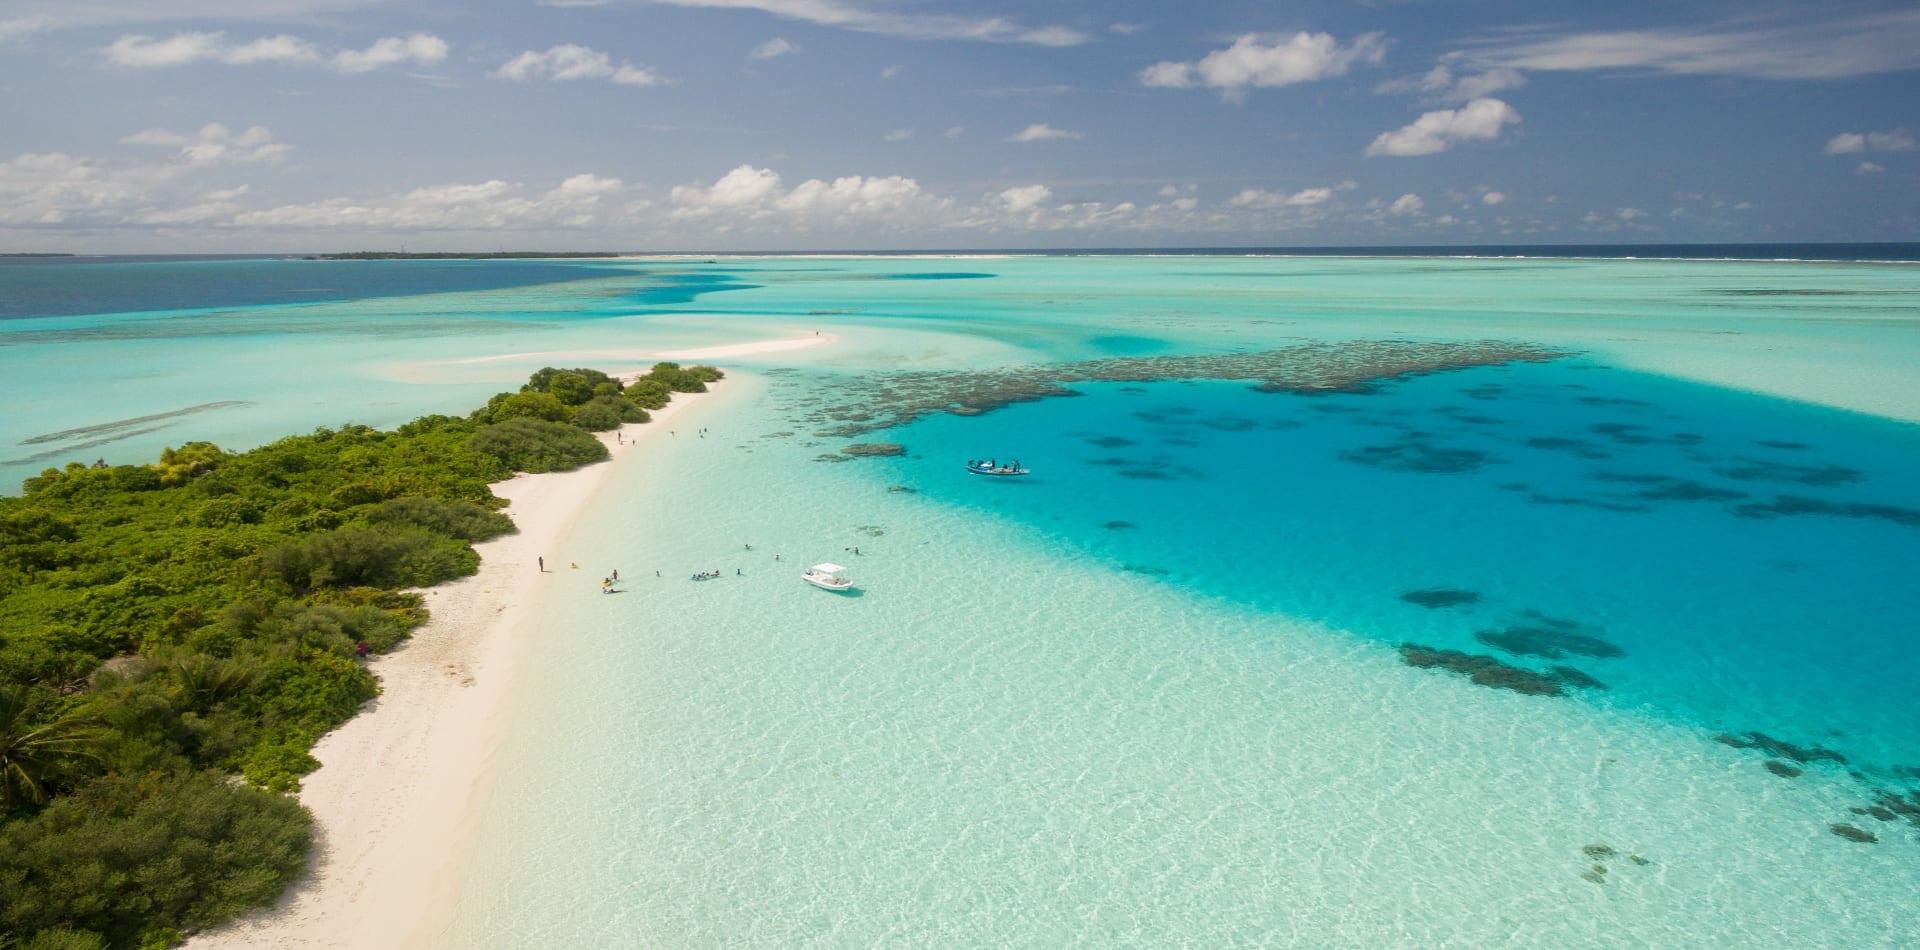 pelorus caribbean boats blue ocean